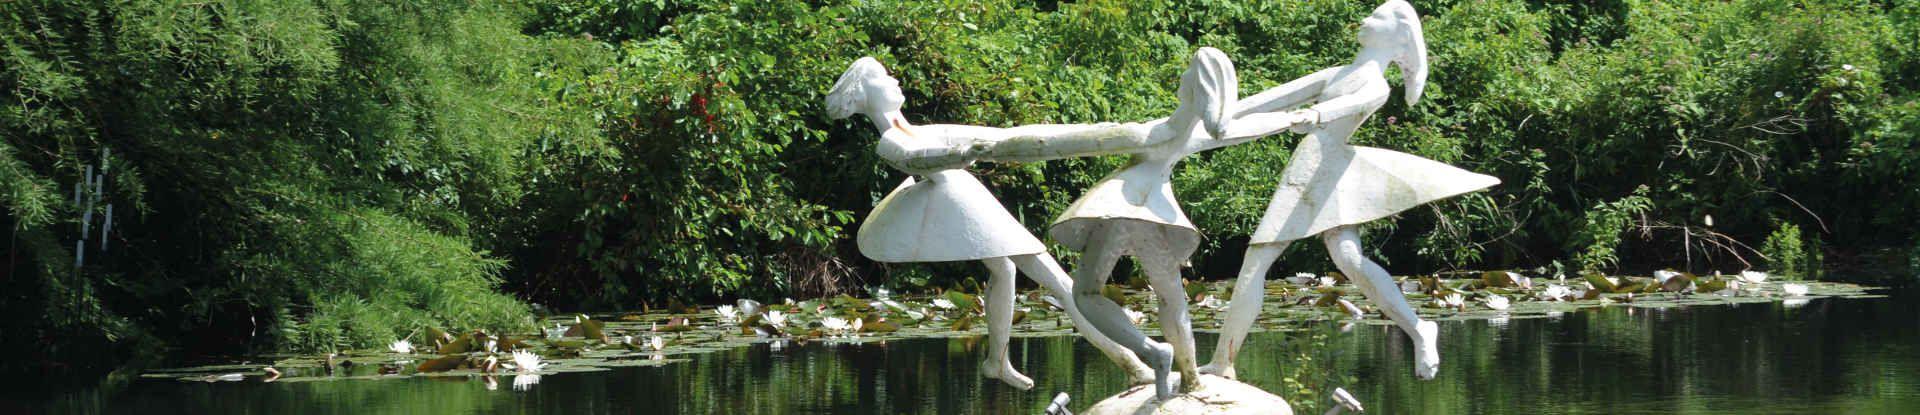 Figur Tanzende Mädchen im Kurparksee